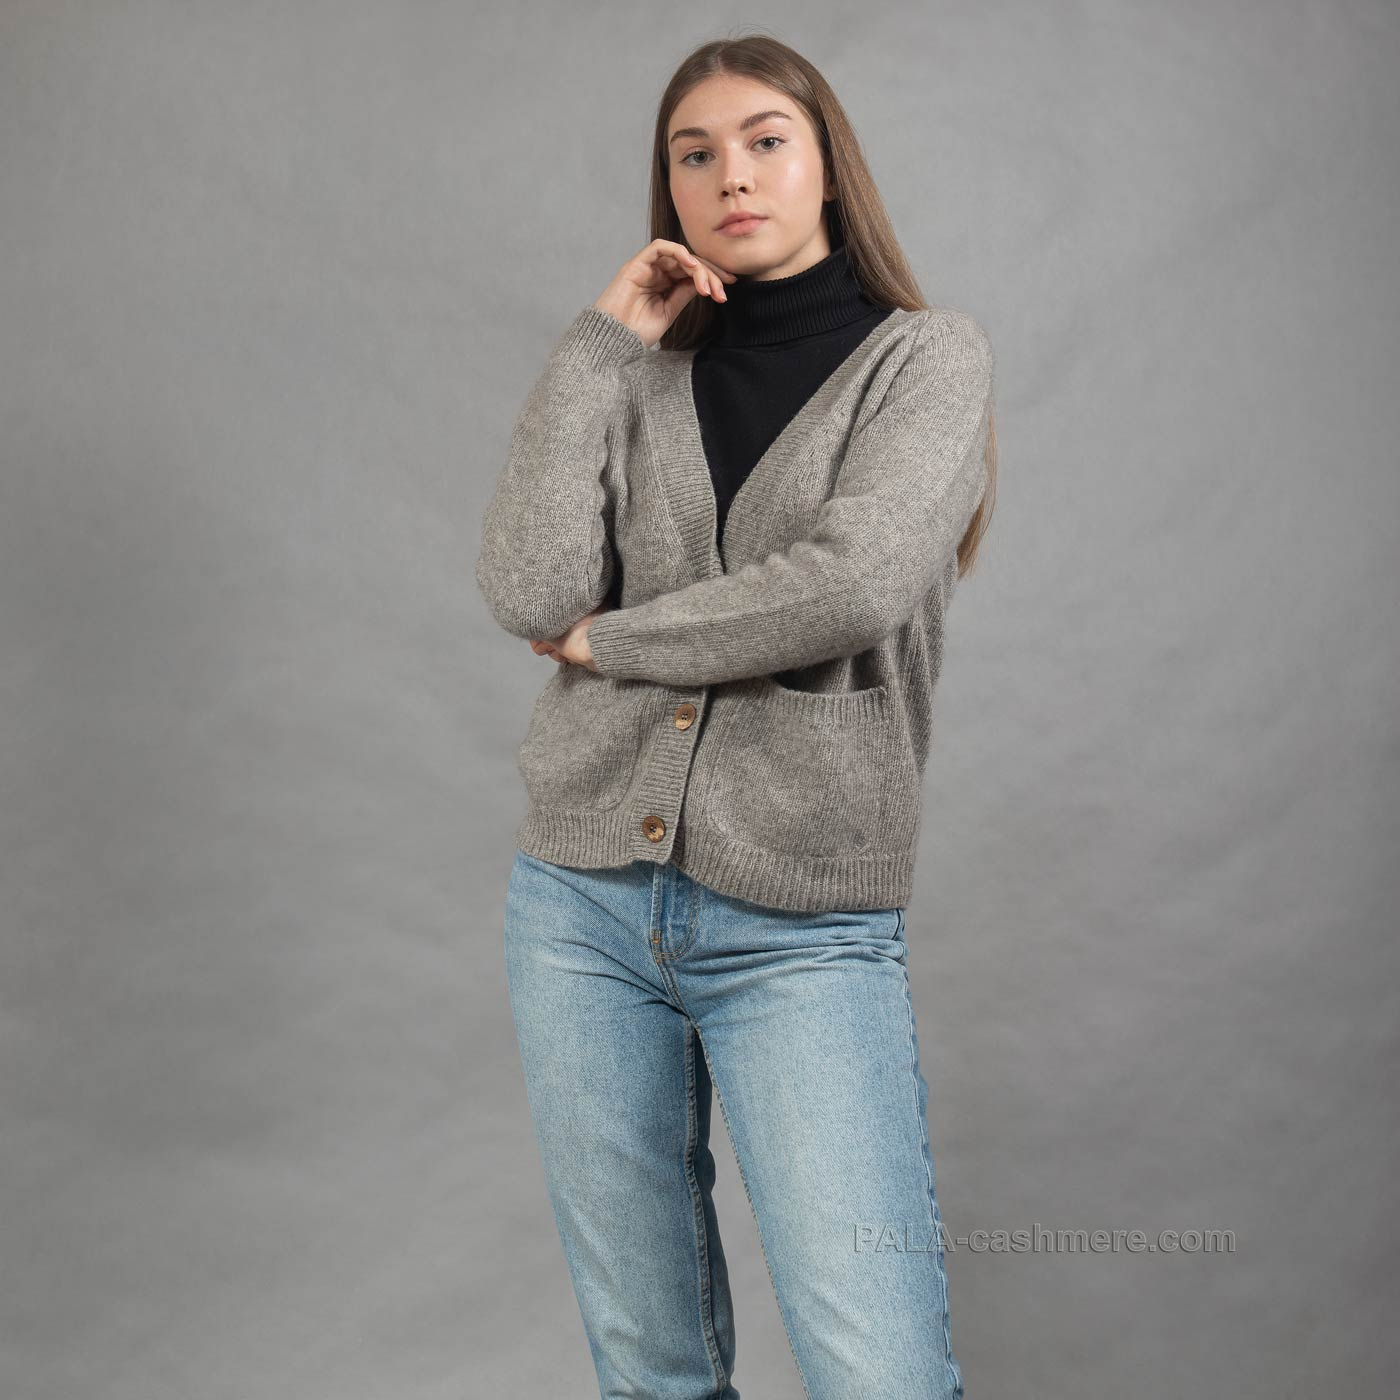 Женский кардиган с карманами